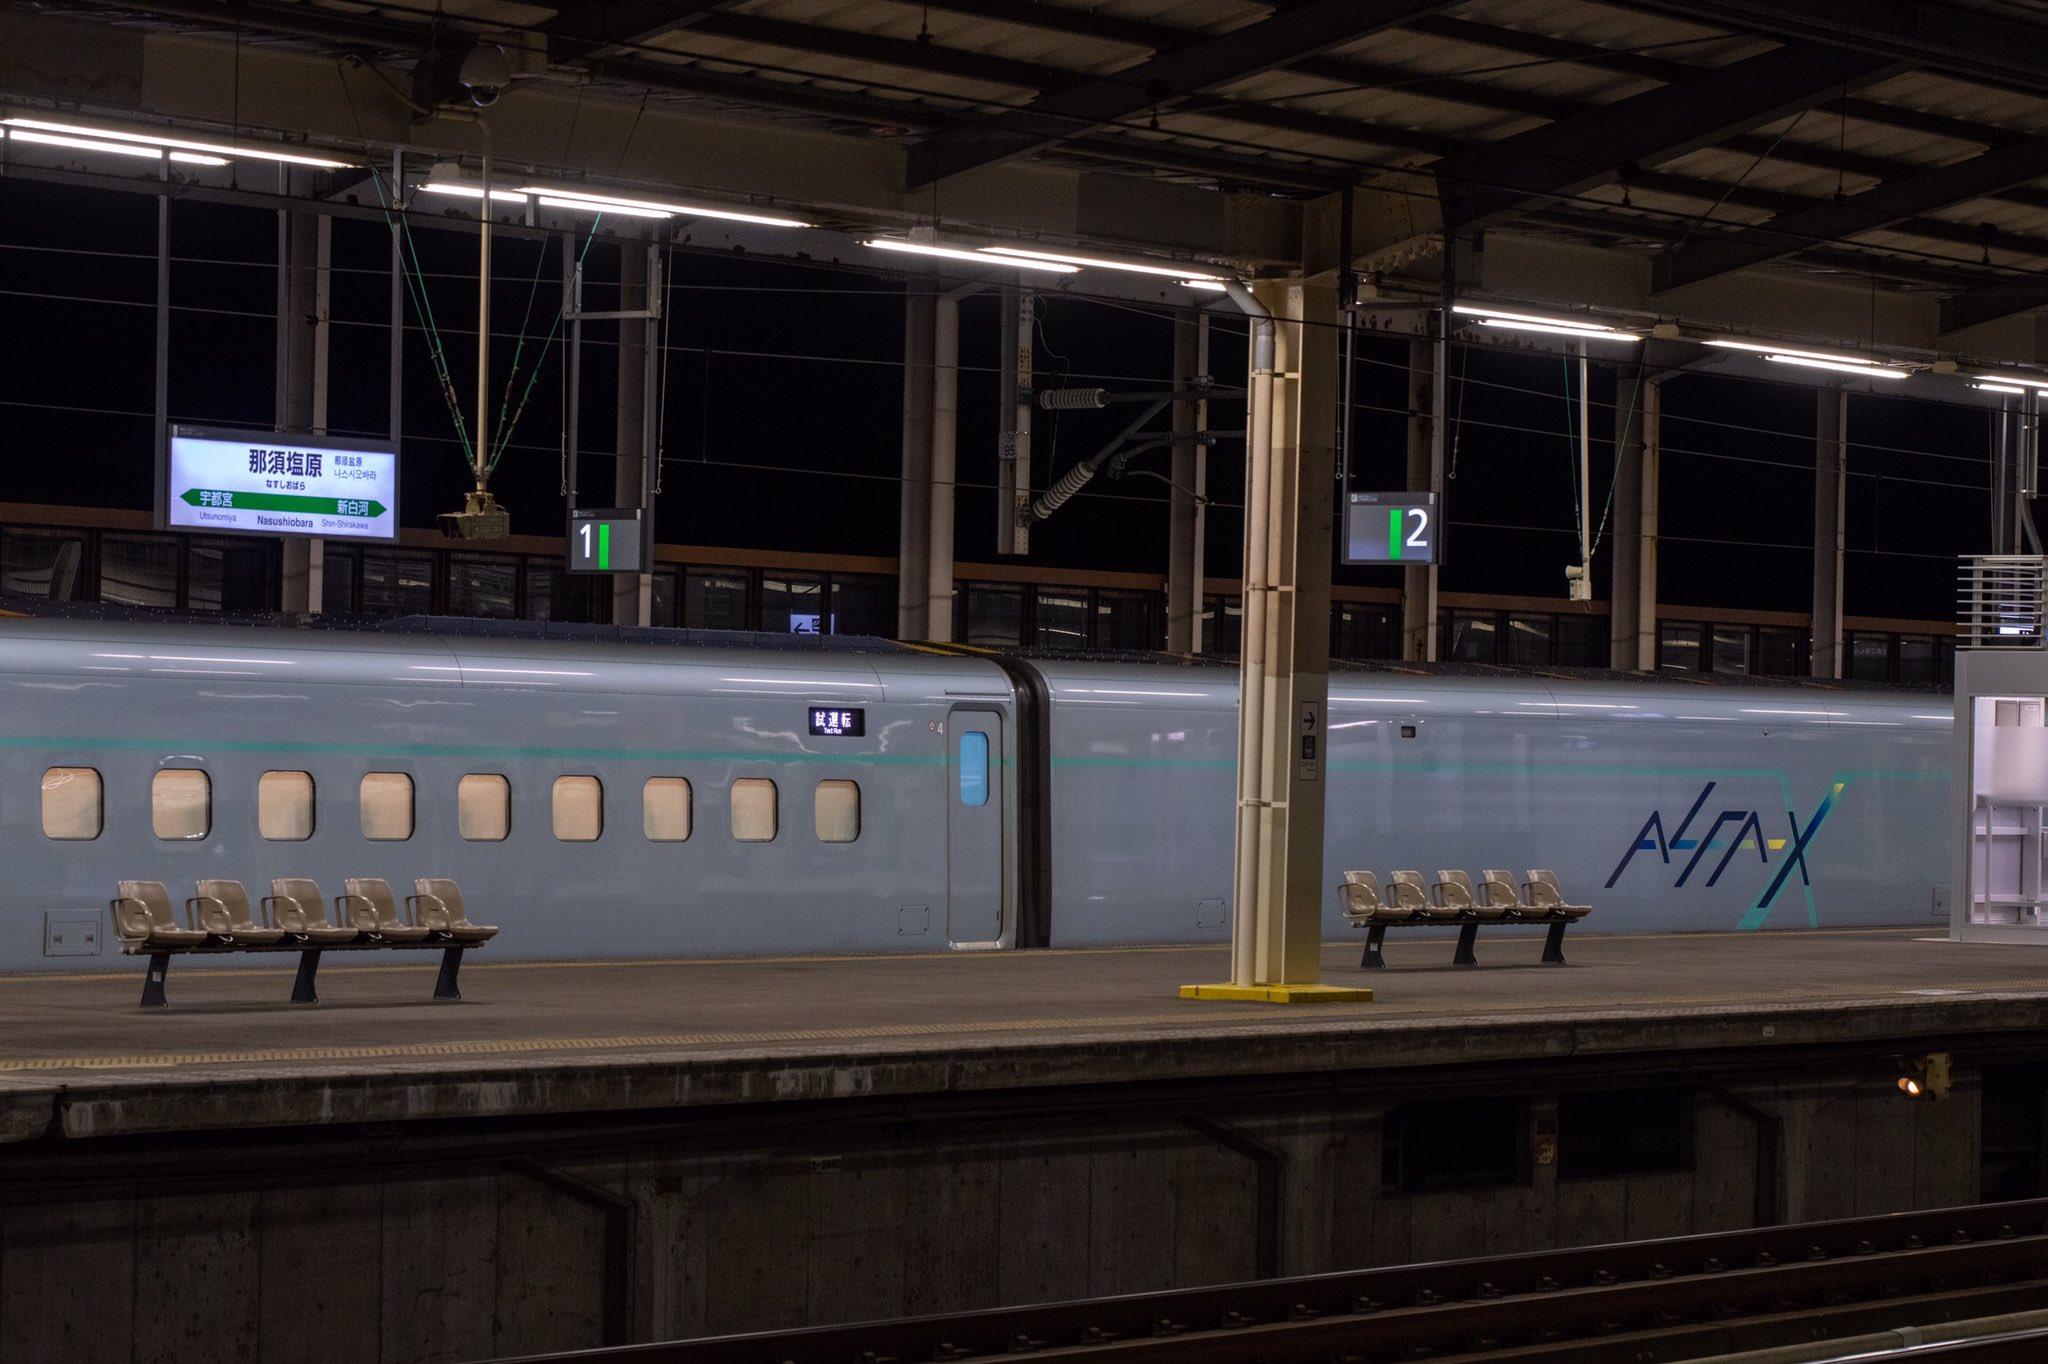 【ALFA-X関東初上陸】仙台を越えて関東の那須塩原駅に入線